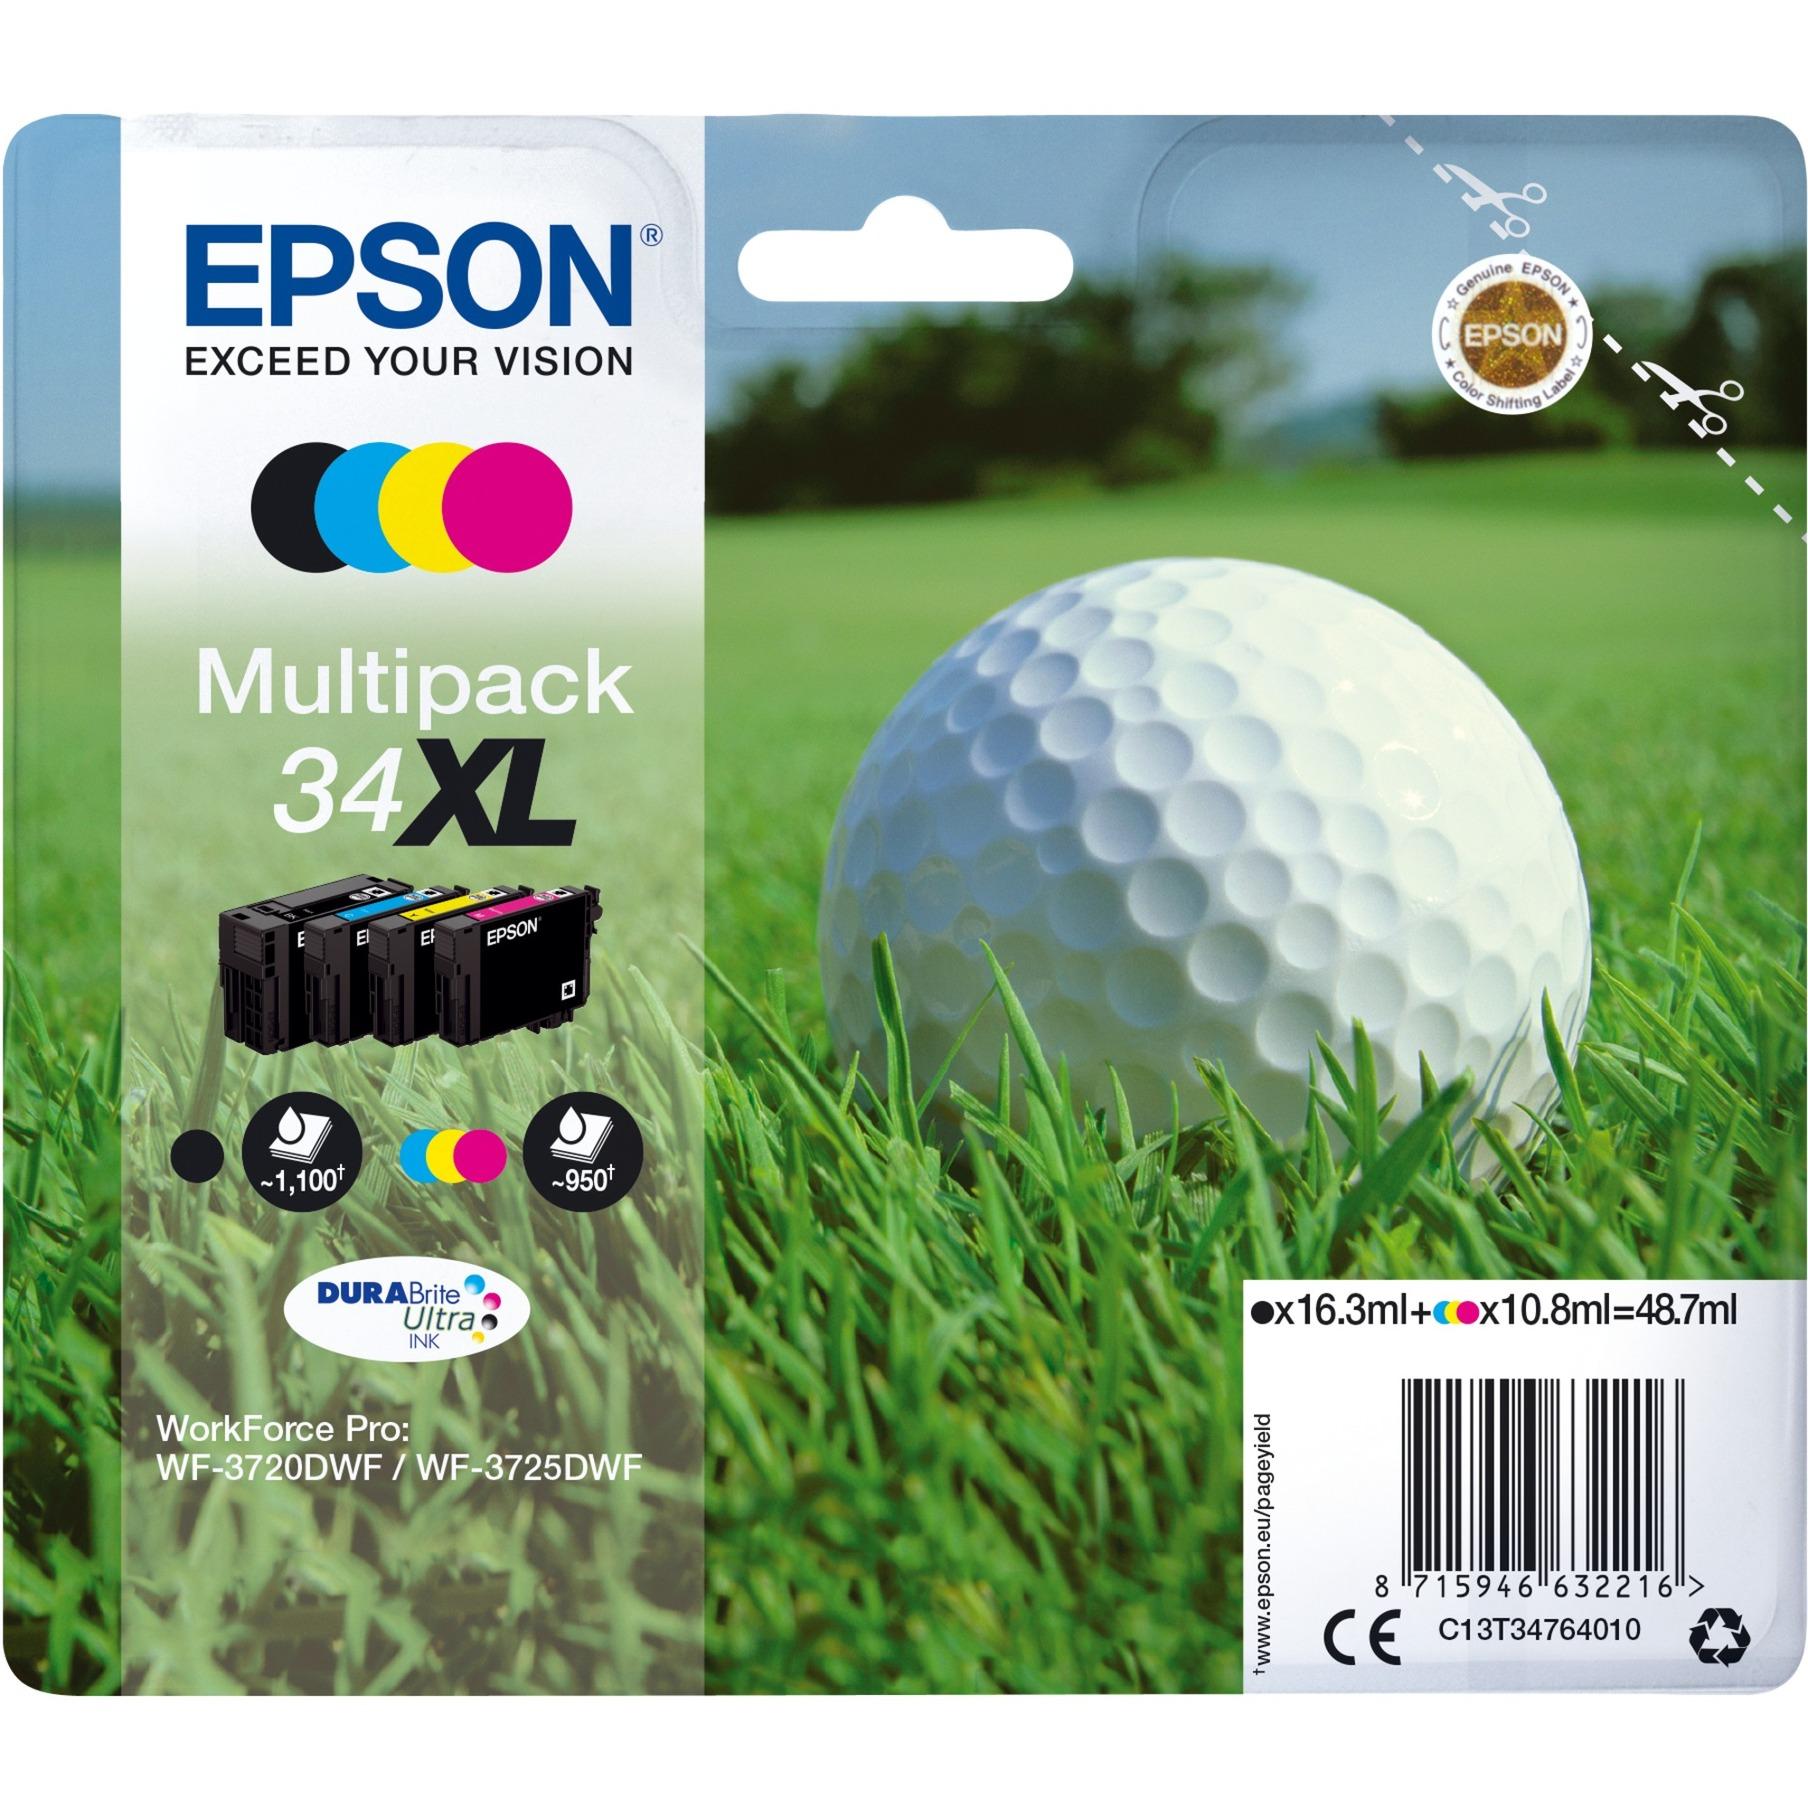 Multipack 4-colours 34XL DURABrite Ultra Ink 10.8ml 16.3ml Noir, Cyan, Magenta, Jaune cartouche d'encre